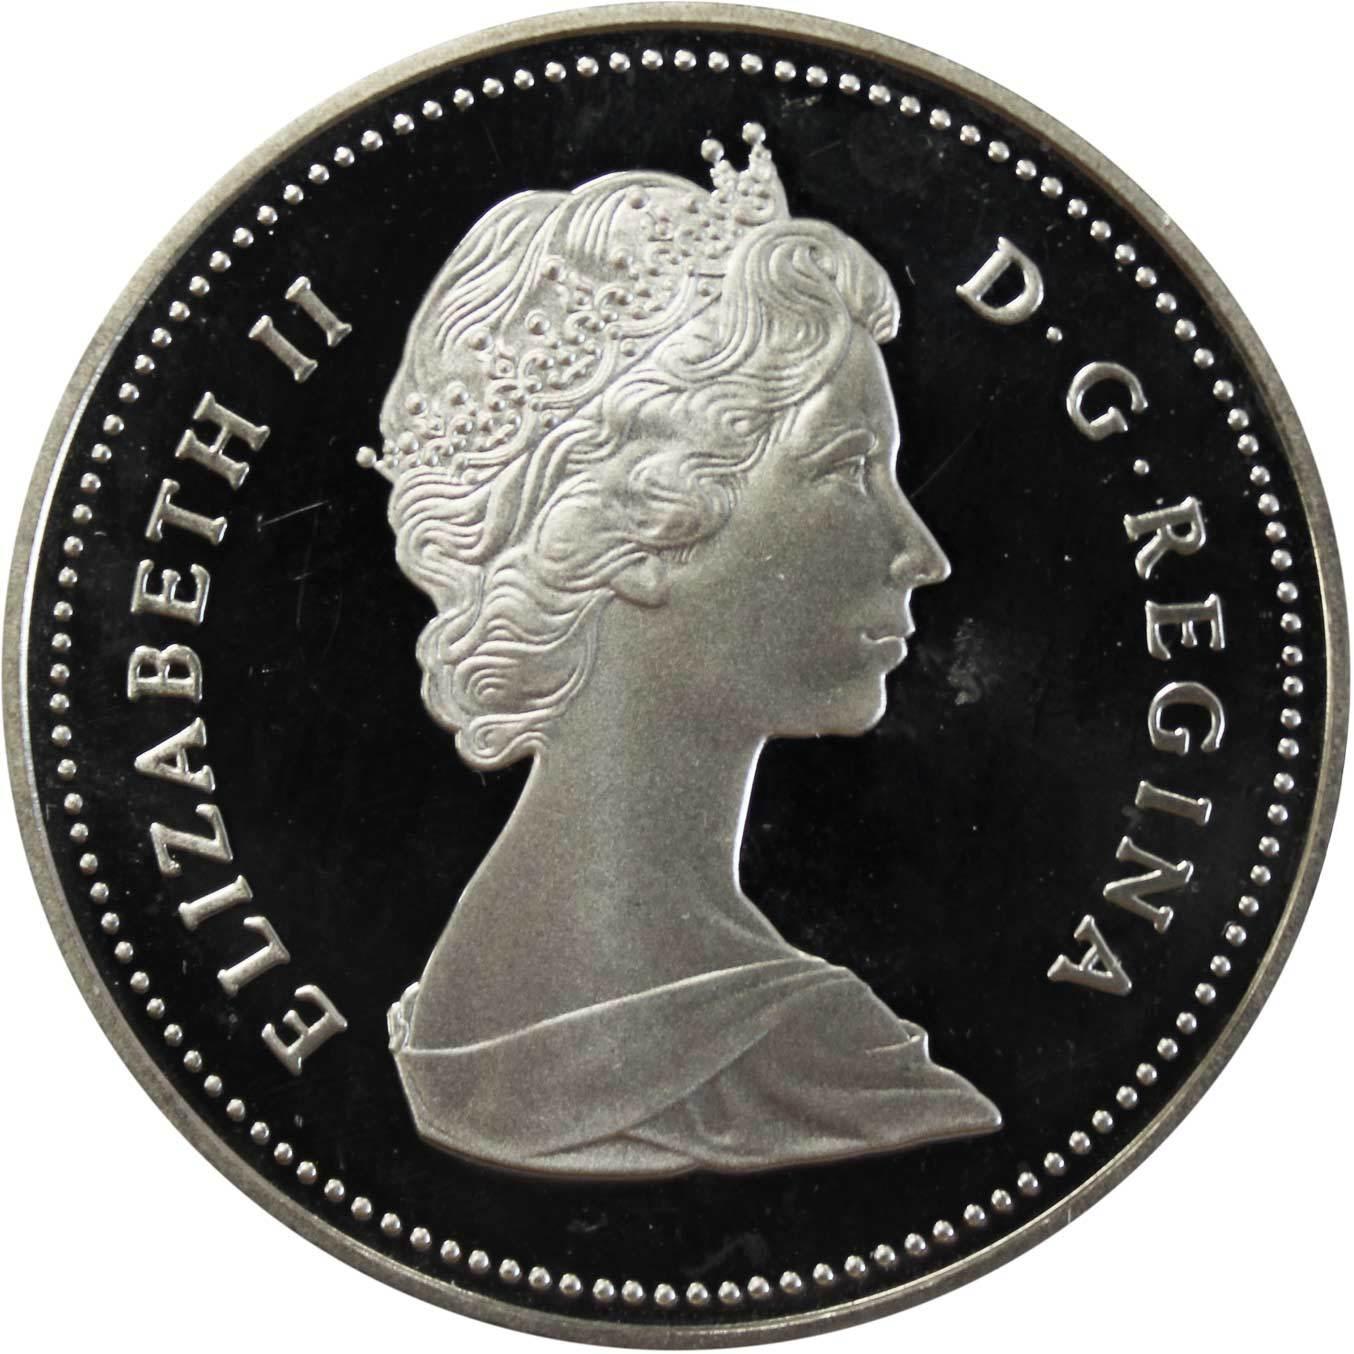 1 доллар. Река Маккензи. Канада. 1989 г. PROOF. Серебро